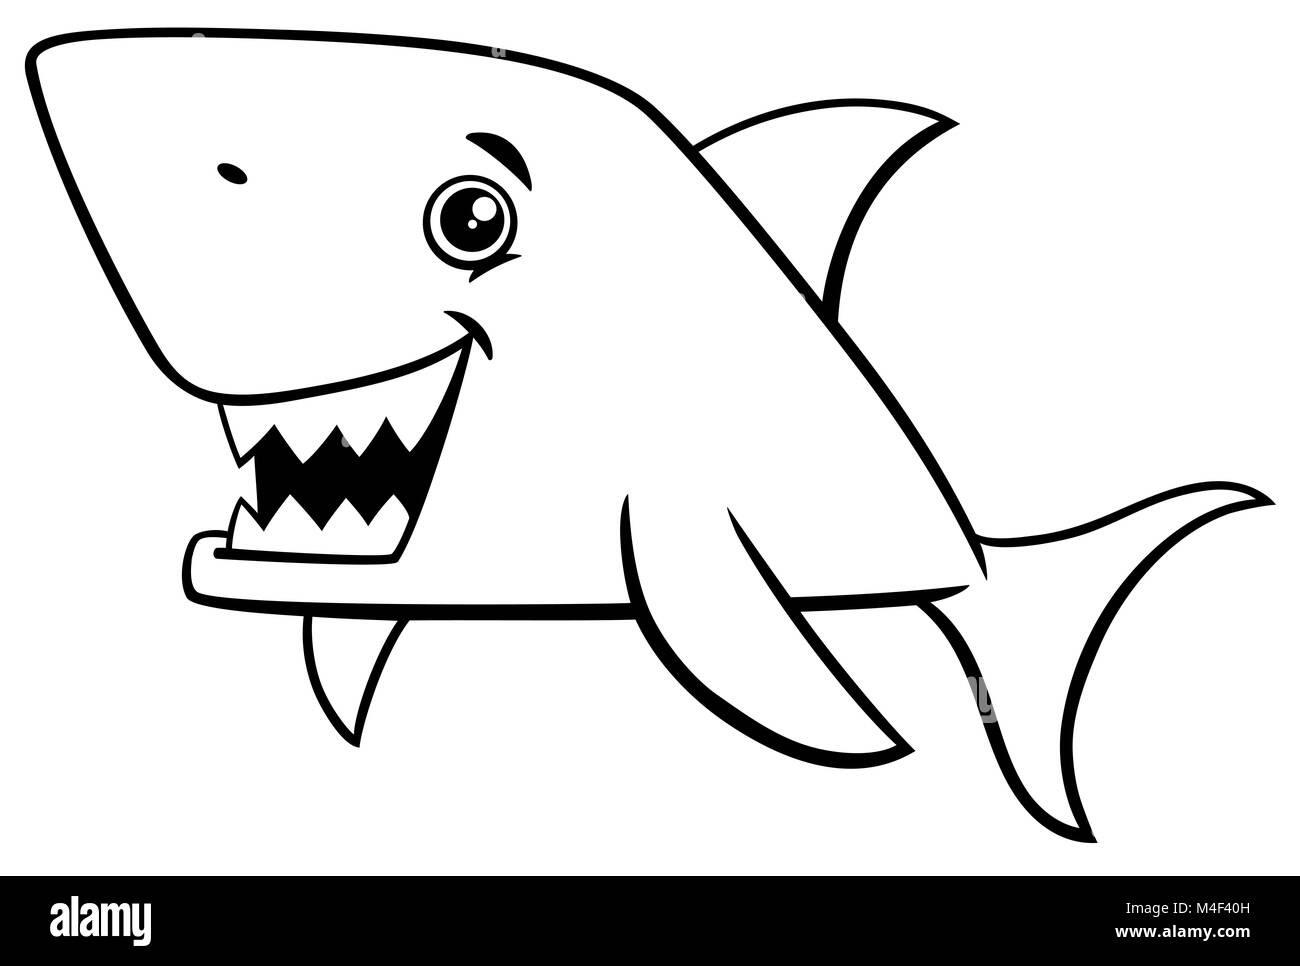 Shark Drawing Stock Photos & Shark Drawing Stock Images ...